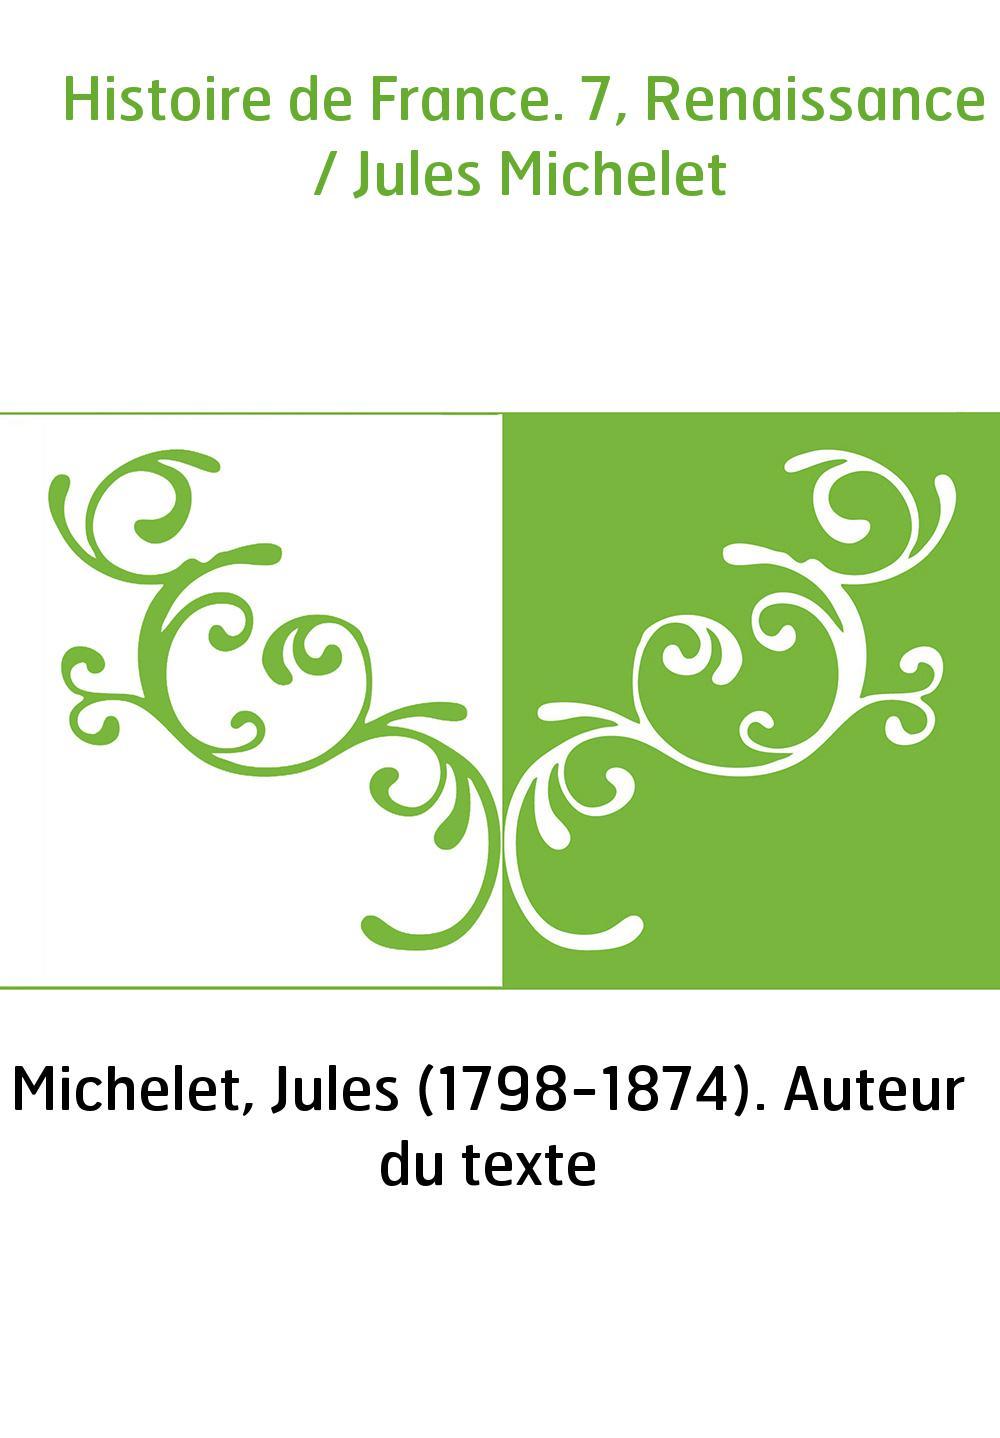 Histoire de France. 7, Renaissance / Jules Michelet